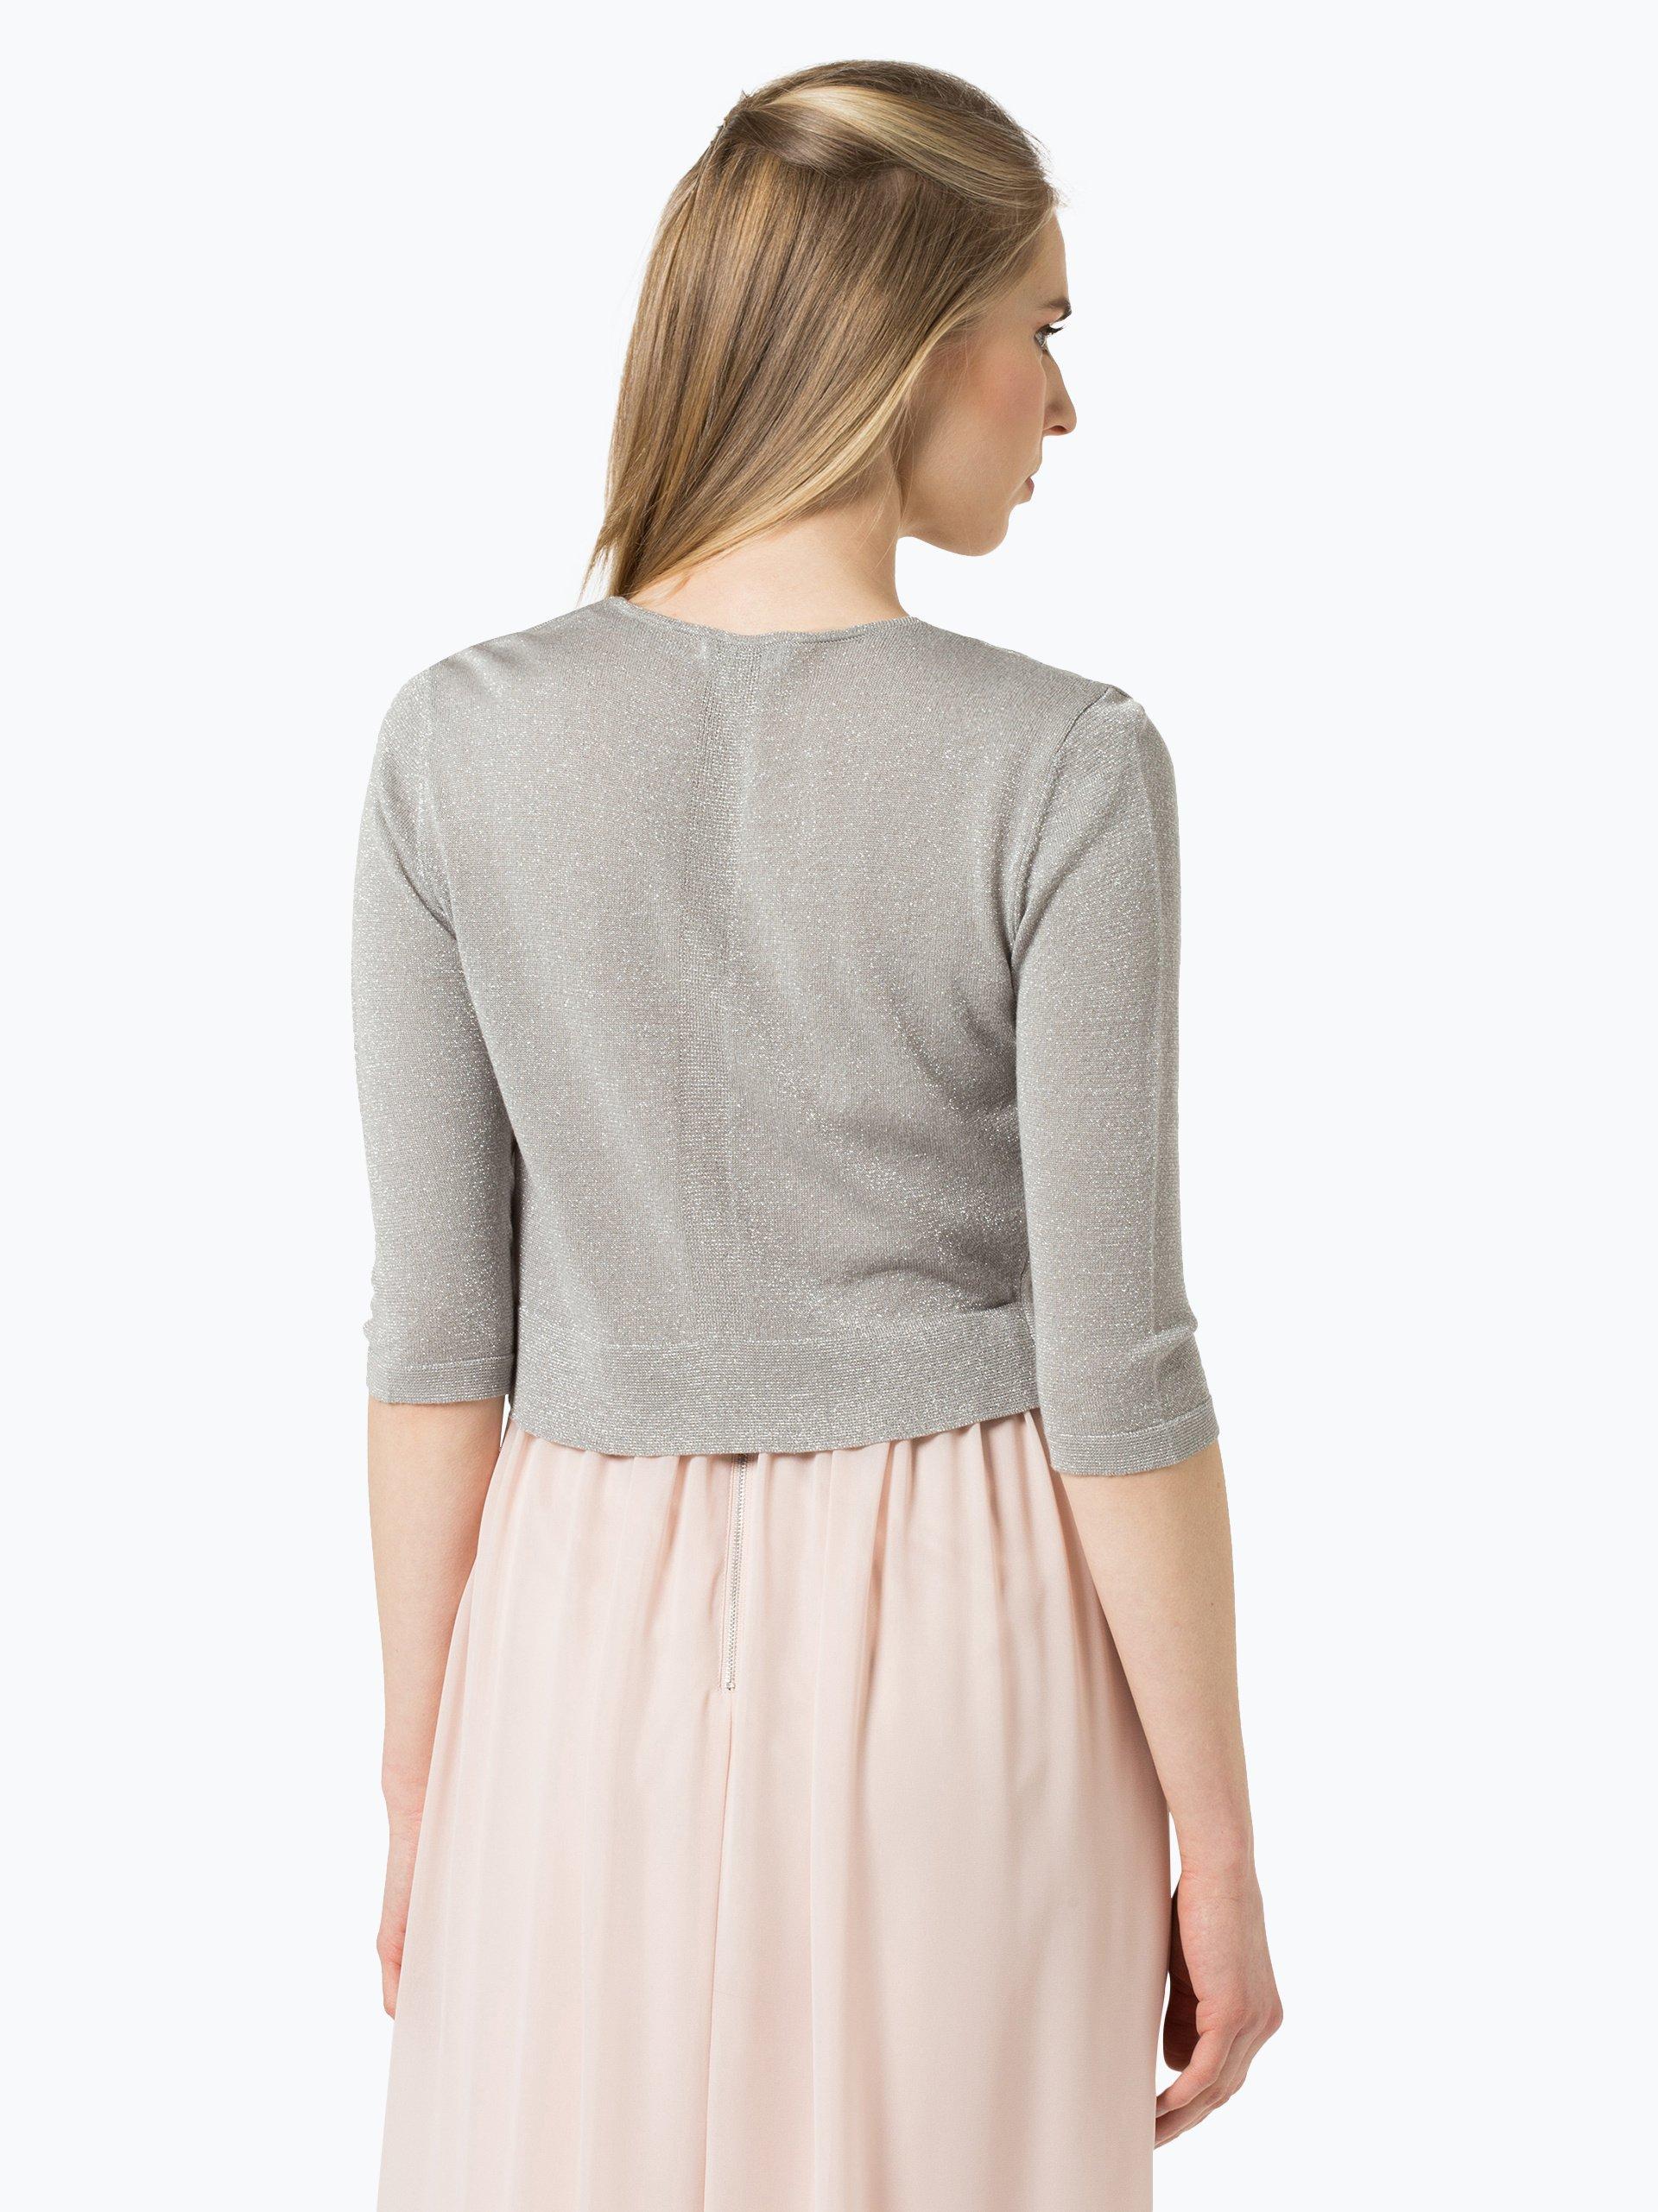 Marie lund damen bolero grau uni online kaufen vangraaf com for Garderobe bolero